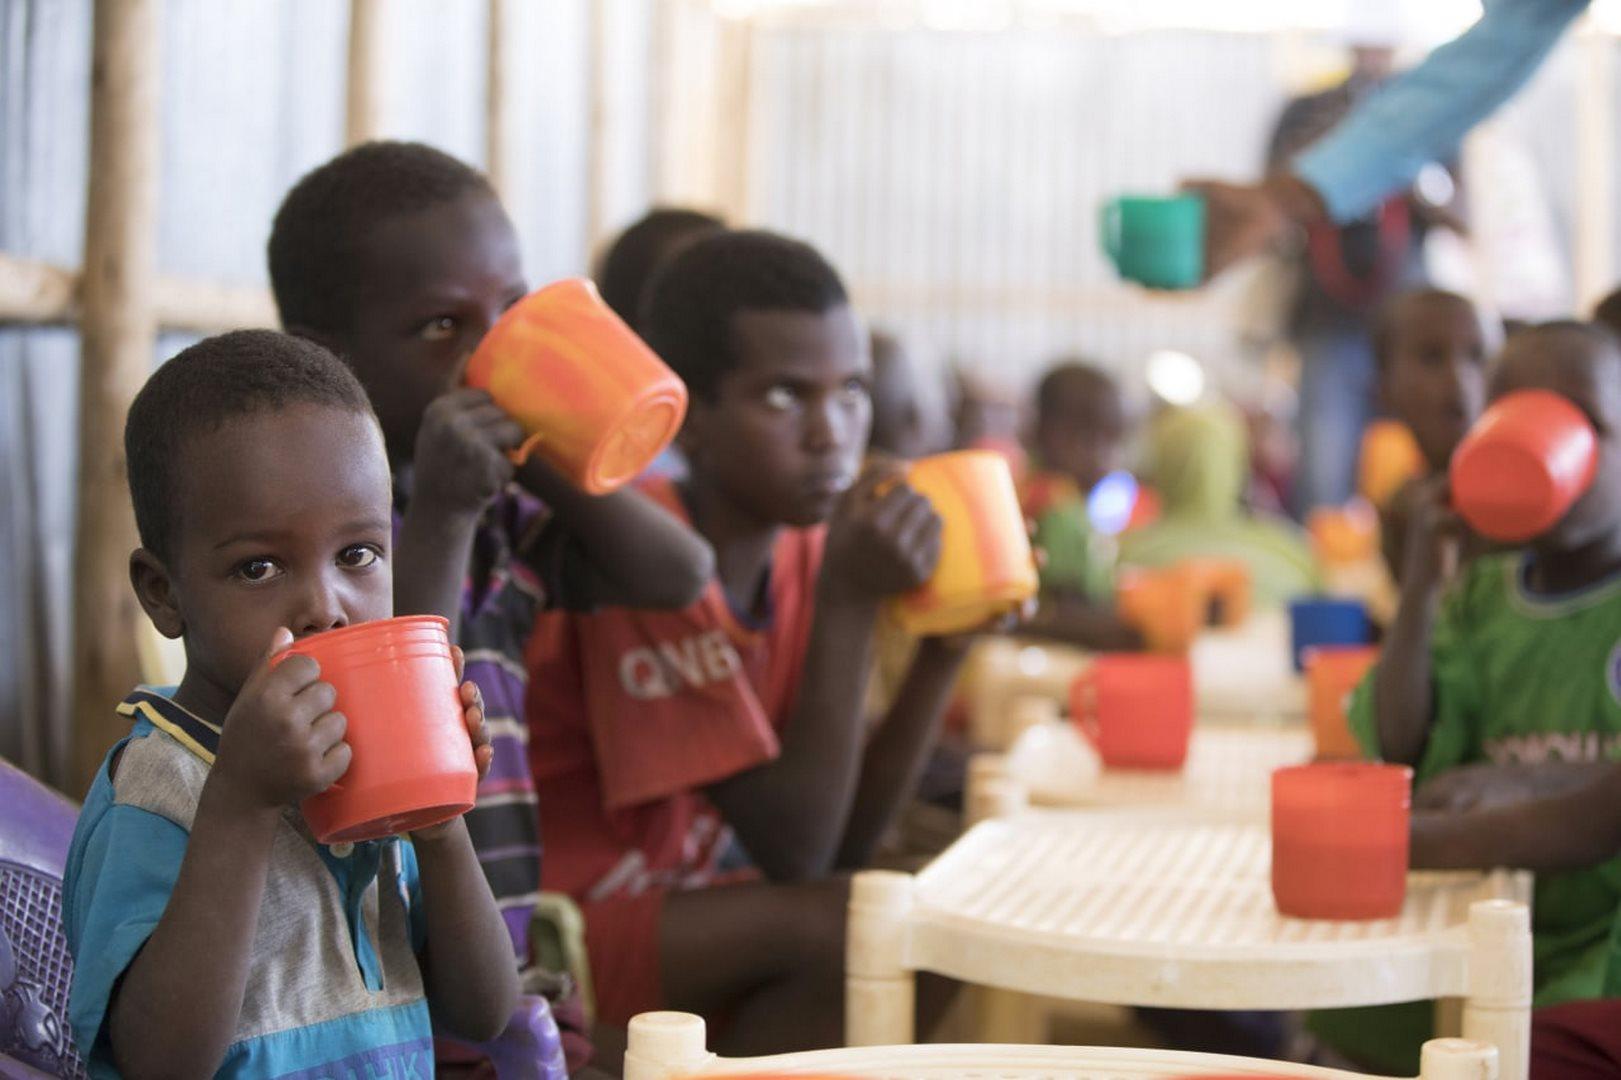 مساع أممية لإغاثة 96 ألف لاجئ إرتيري في تيغرايفي